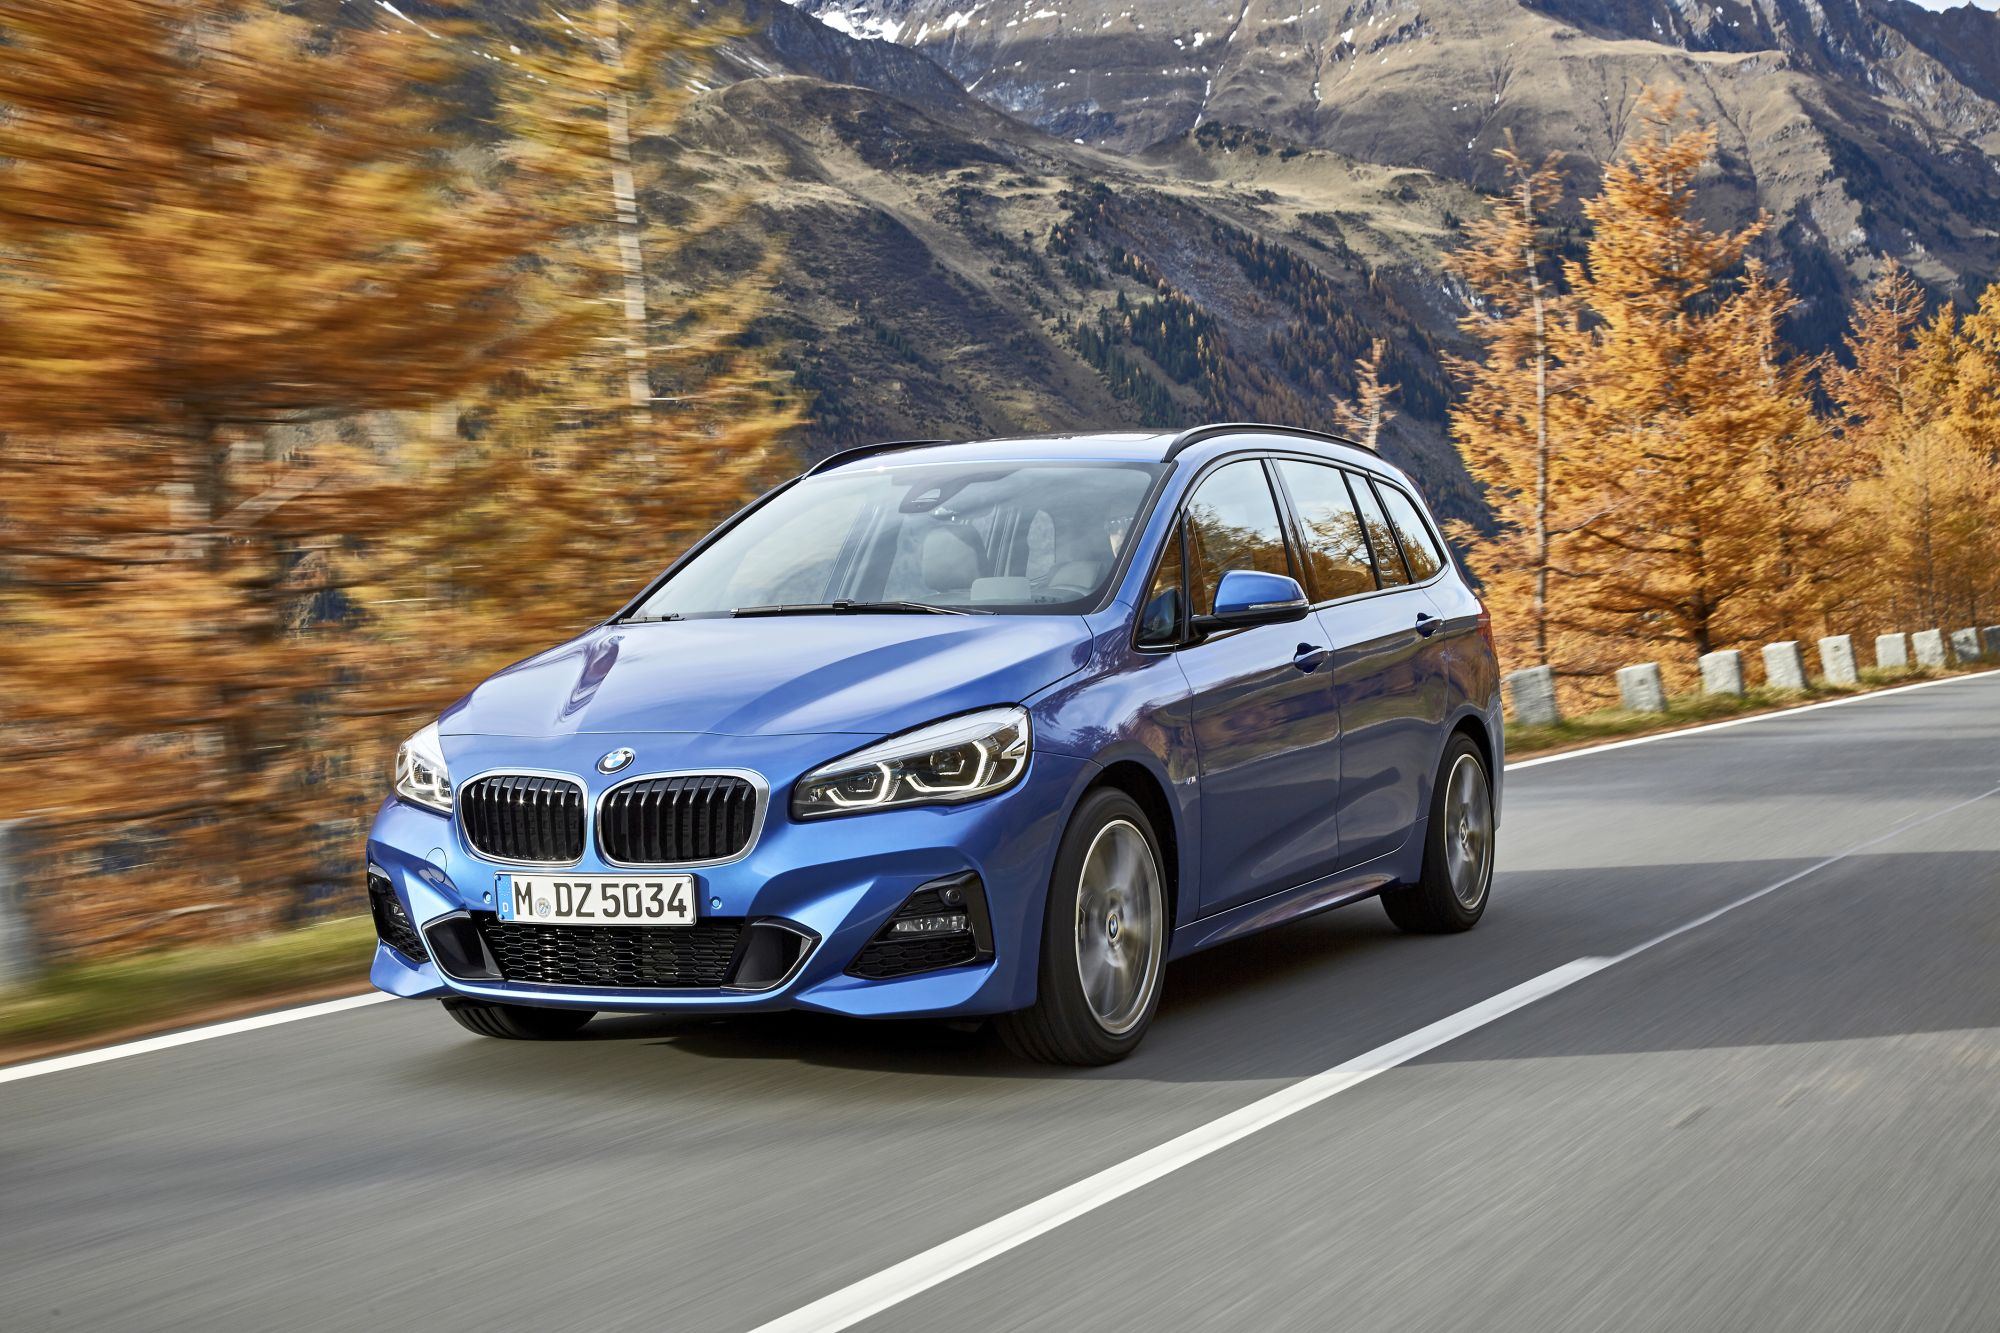 BMW 2 SERIES ACTIVE TOURER GRAN MPV 5 DOOR 216i 218i 220i 220d XDRIVE 2018